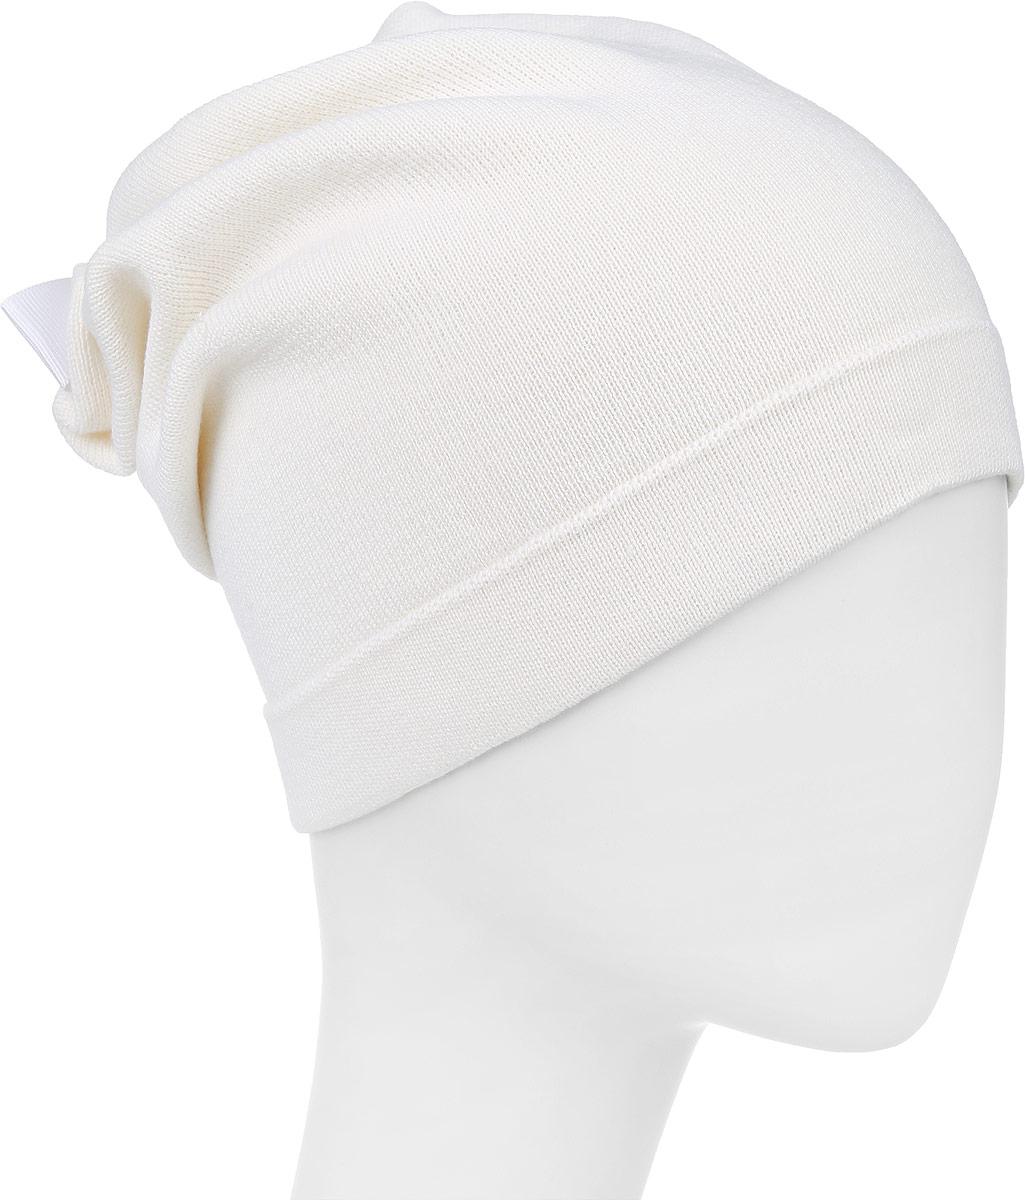 ШапкаF2241335C-11Теплая шапка Vittorio Richi выполнена из шерсти и акрила. Модель без подкладки оформлена присборкой. По низу изделие дополнено подворотом и декорирвоано аппликацией из страз. Уважаемые клиенты! Размер, доступный для заказа, является обхватом головы.